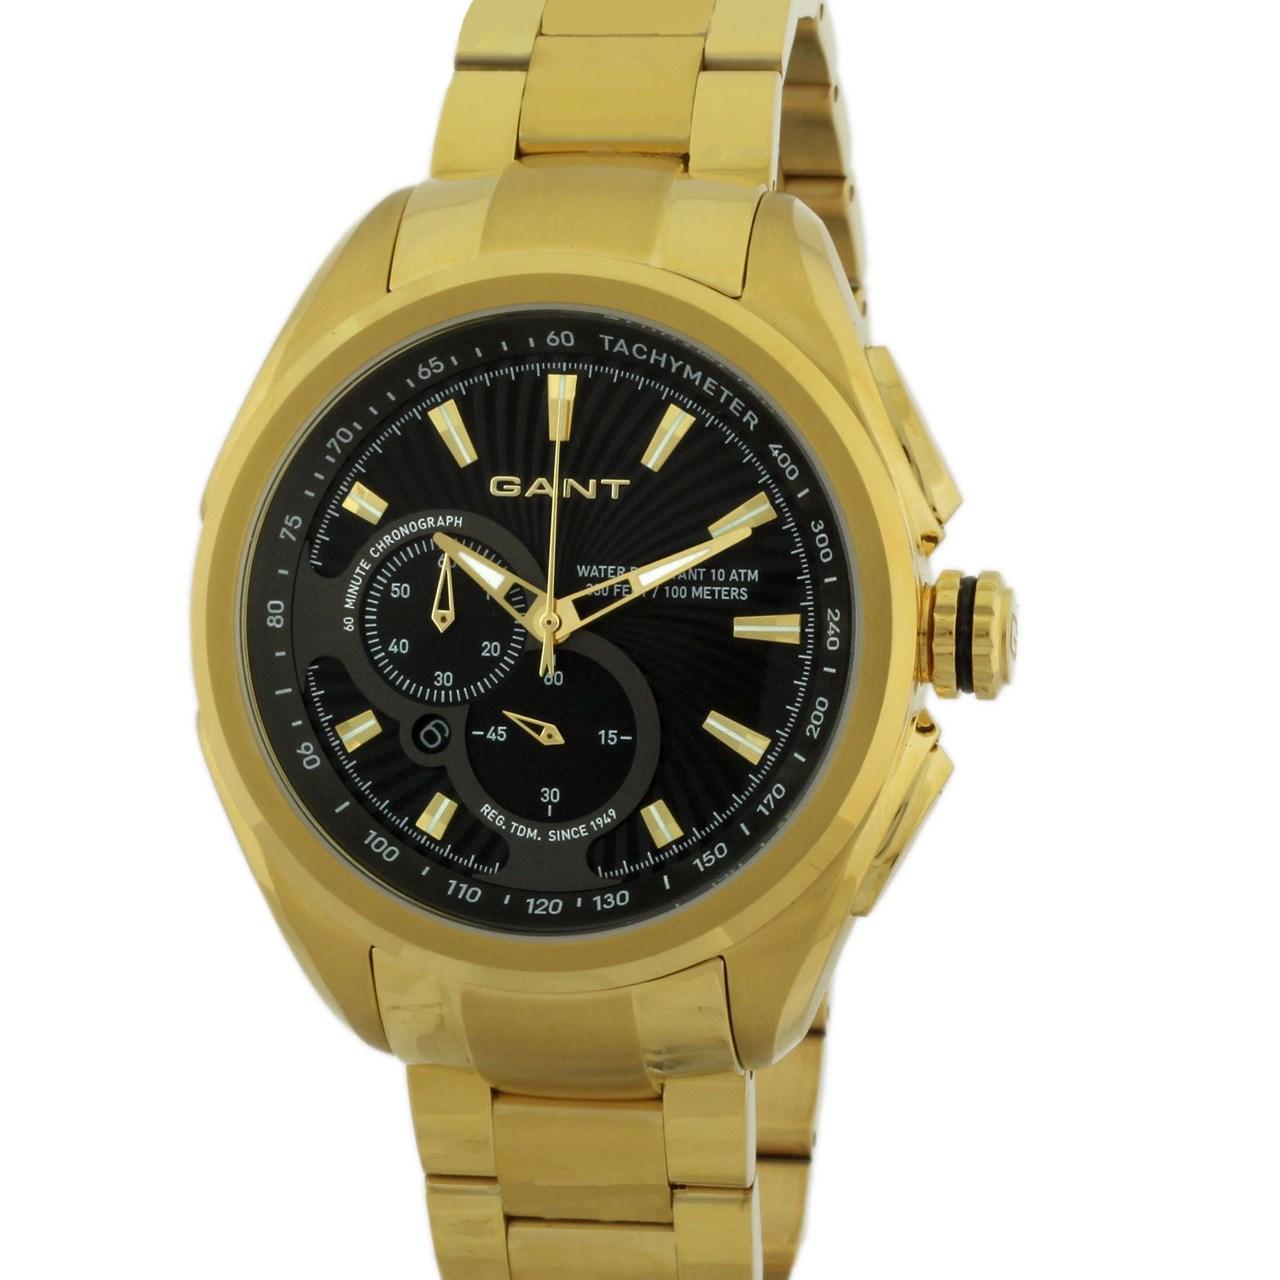 ساعت مچی عقربه ای مردانه گنت مدل GW105813